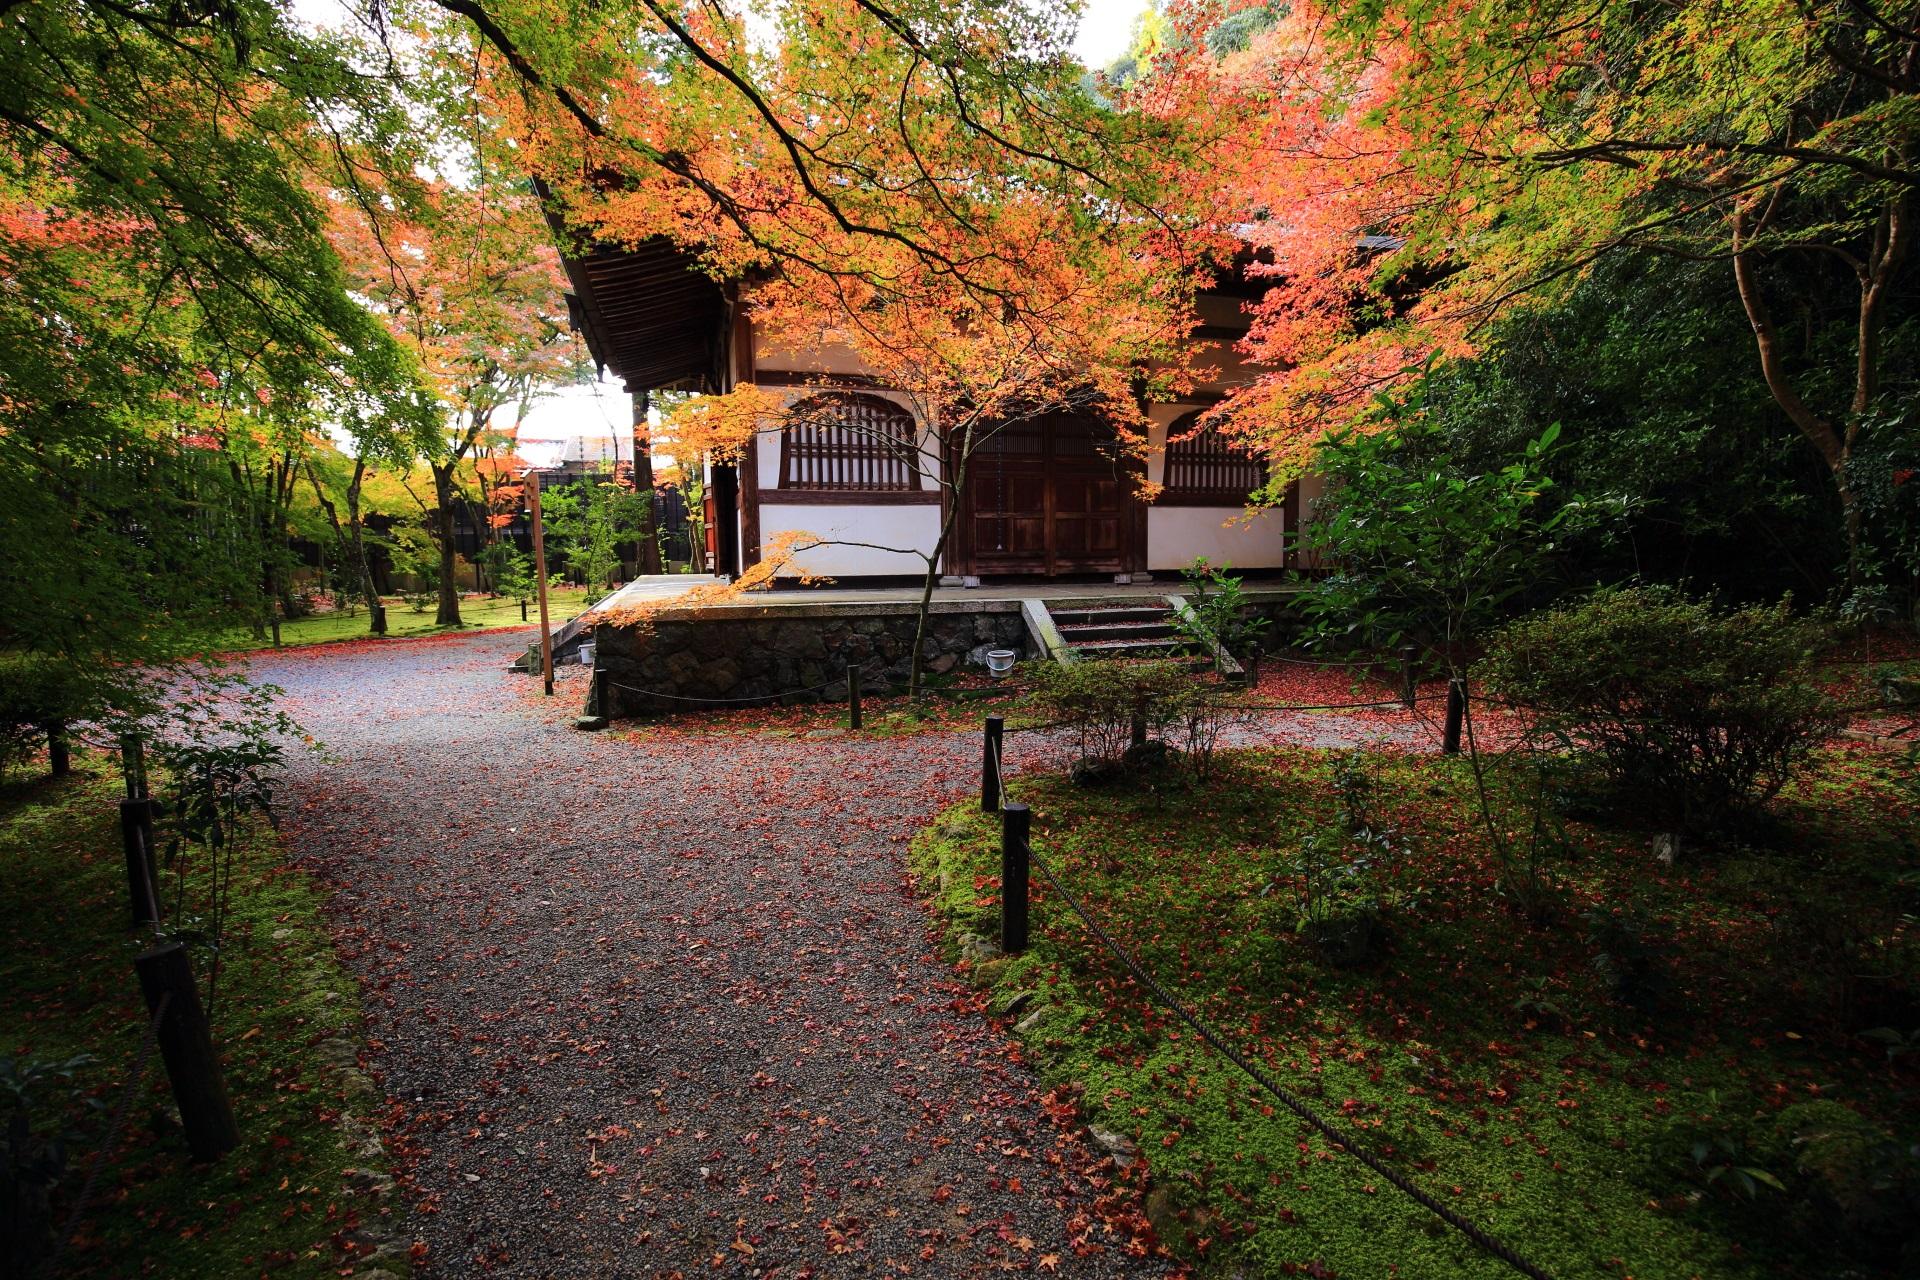 竹の寺の本堂に降り注ぐオレンジや緑のもみじ